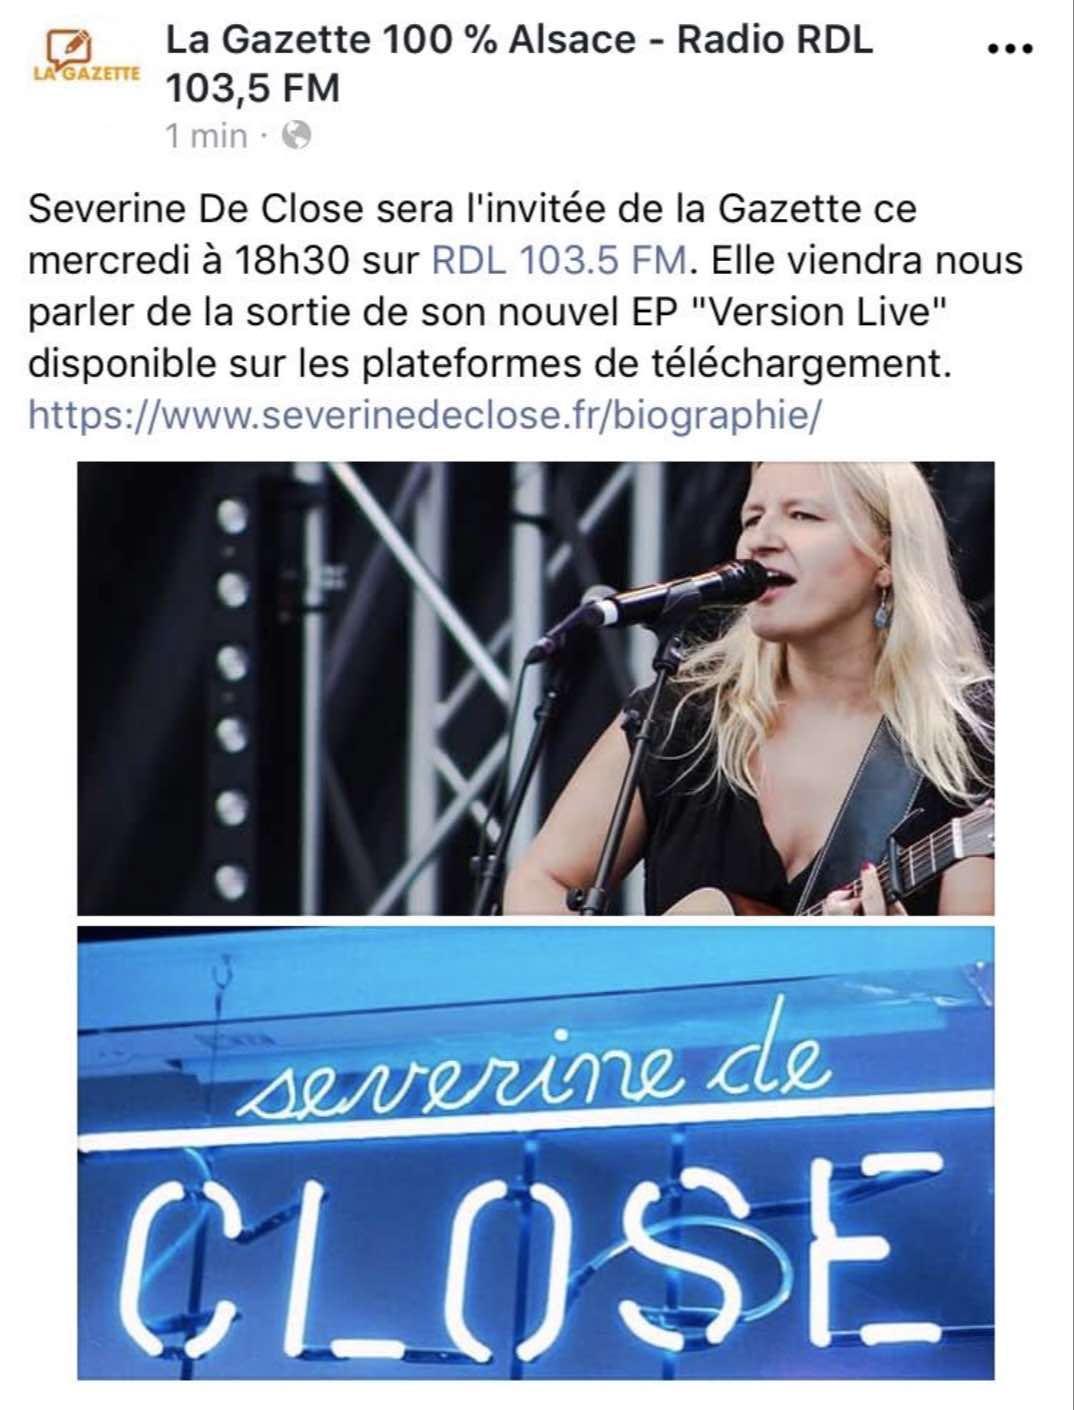 Interview dans l'émission La Gazette sur Radio RDL 103.5 fm - 05/09/18